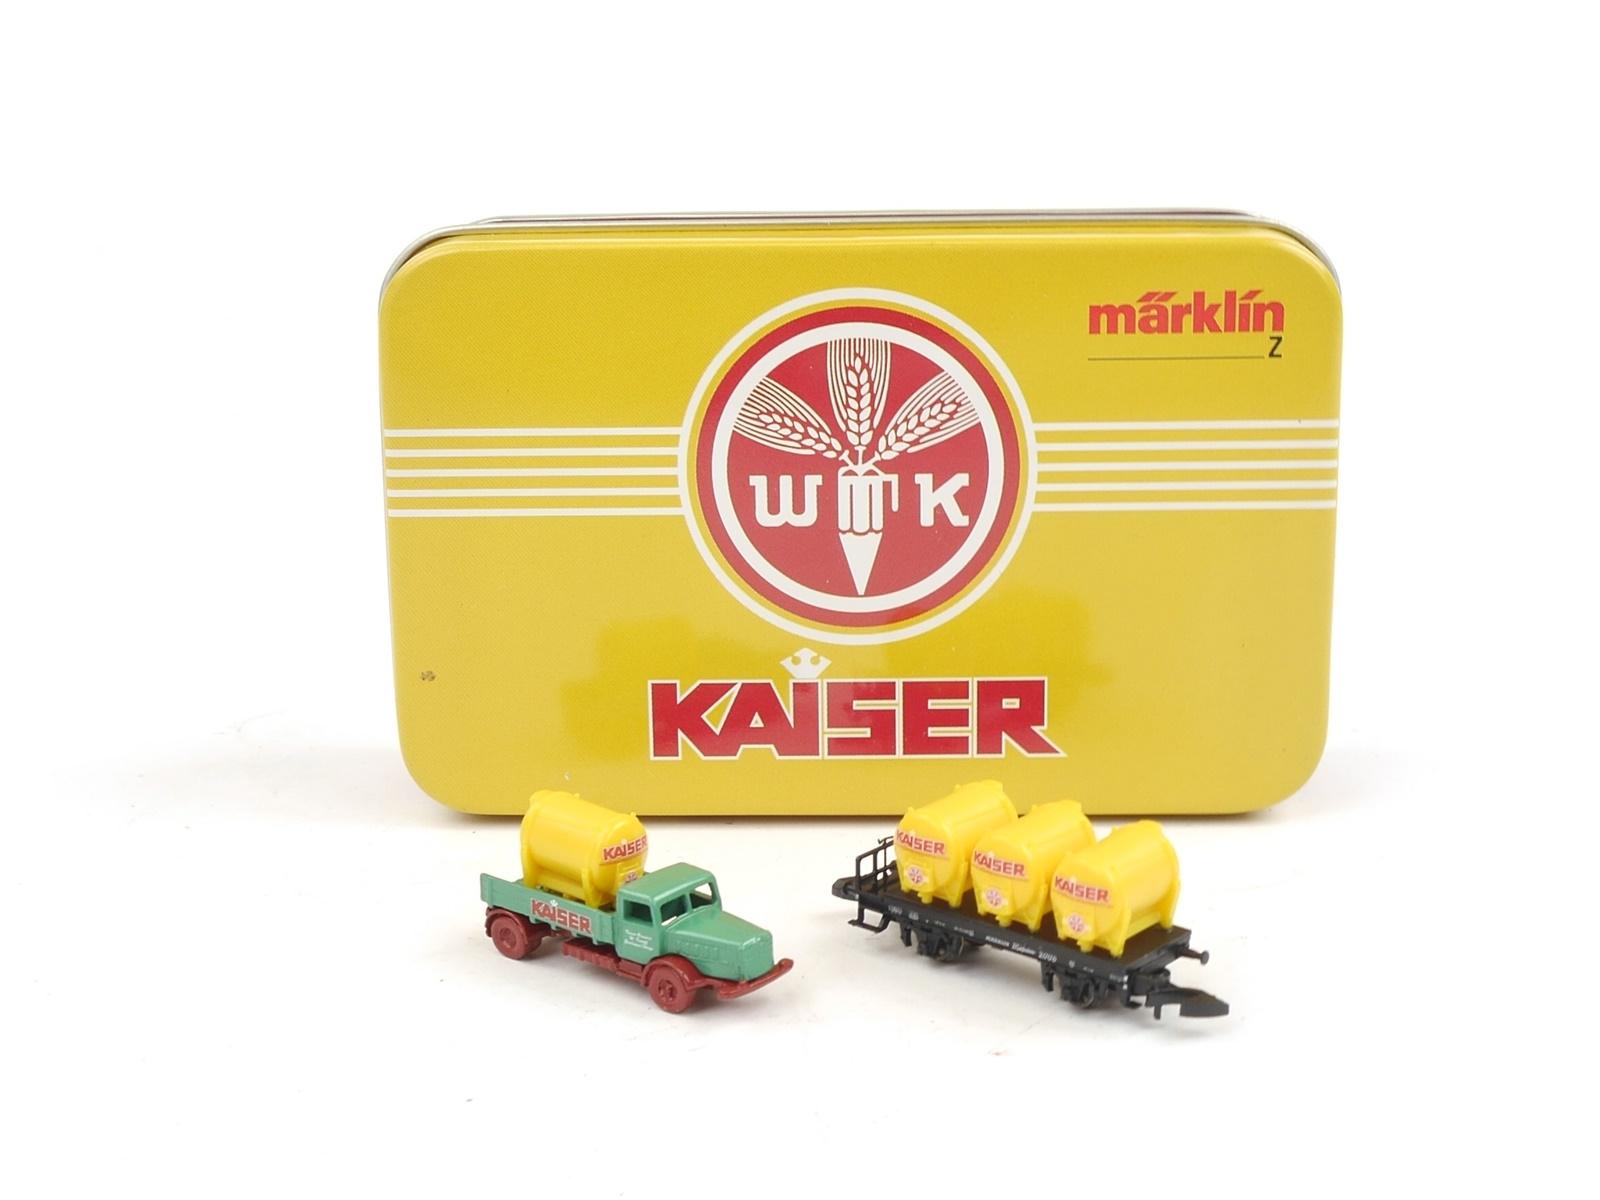 E216 Märklin miniclub Spur Z Güterwagen Kaiser / Museumswagen 2006 *TOP*